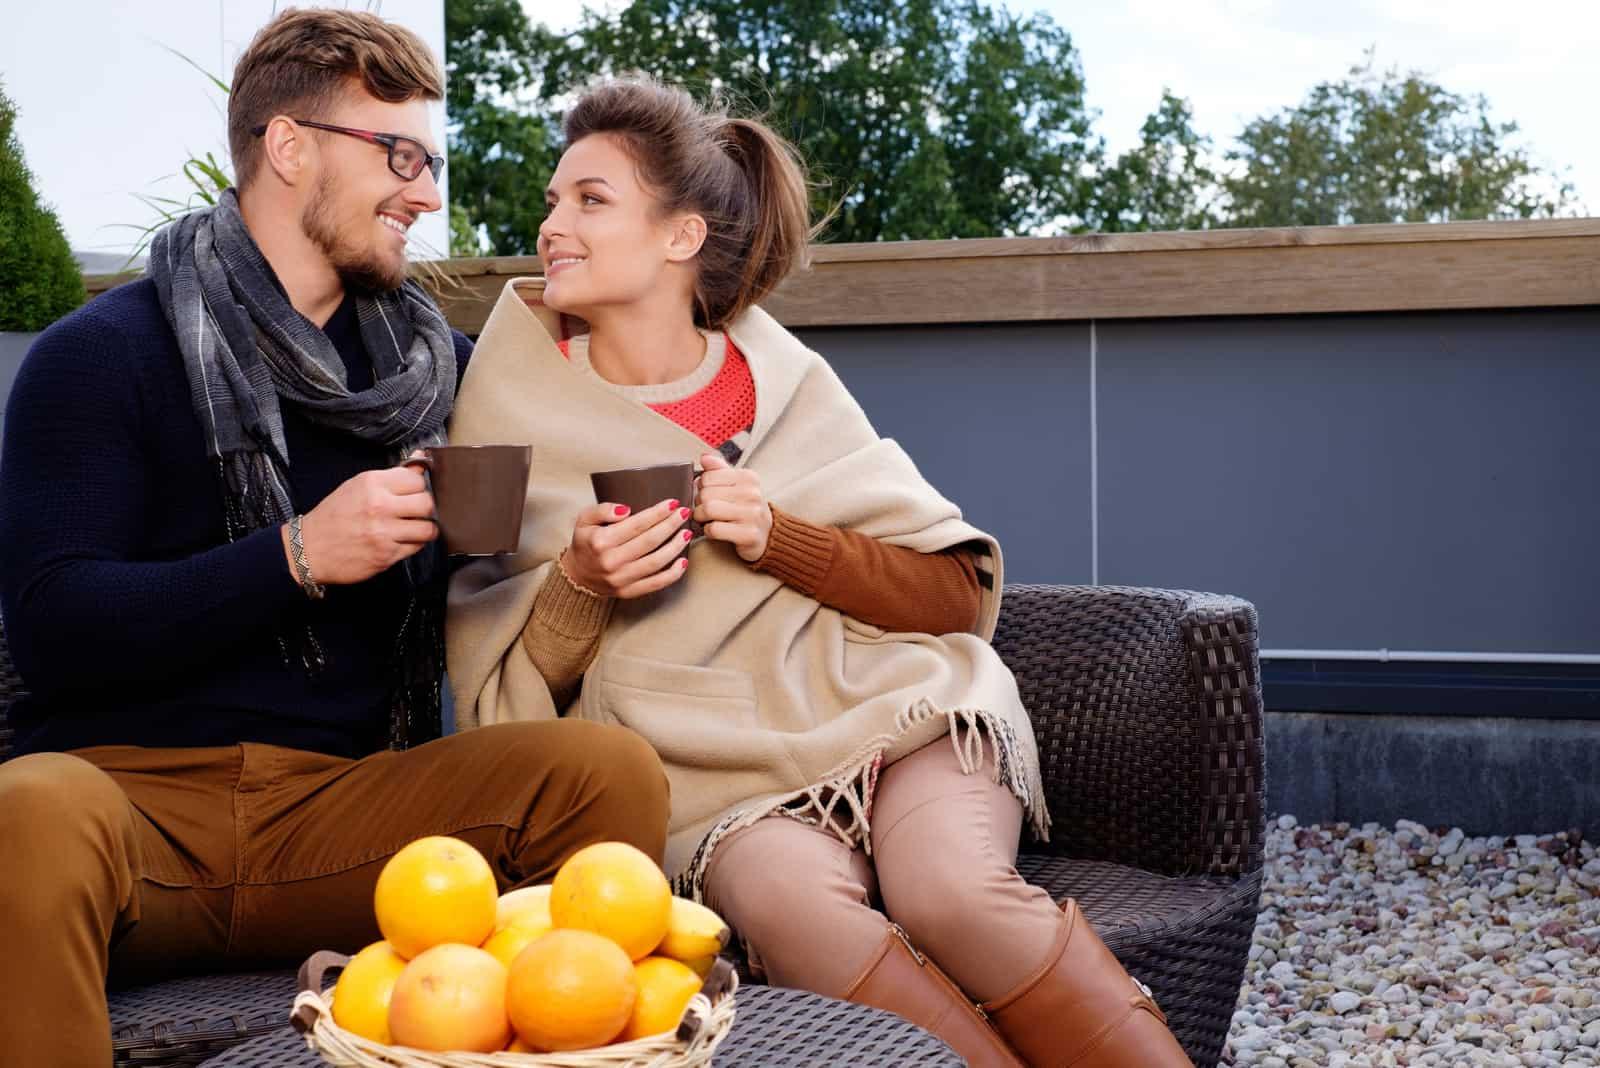 l'homme et la femme sont assis tenant du sel dans leurs mains et riant